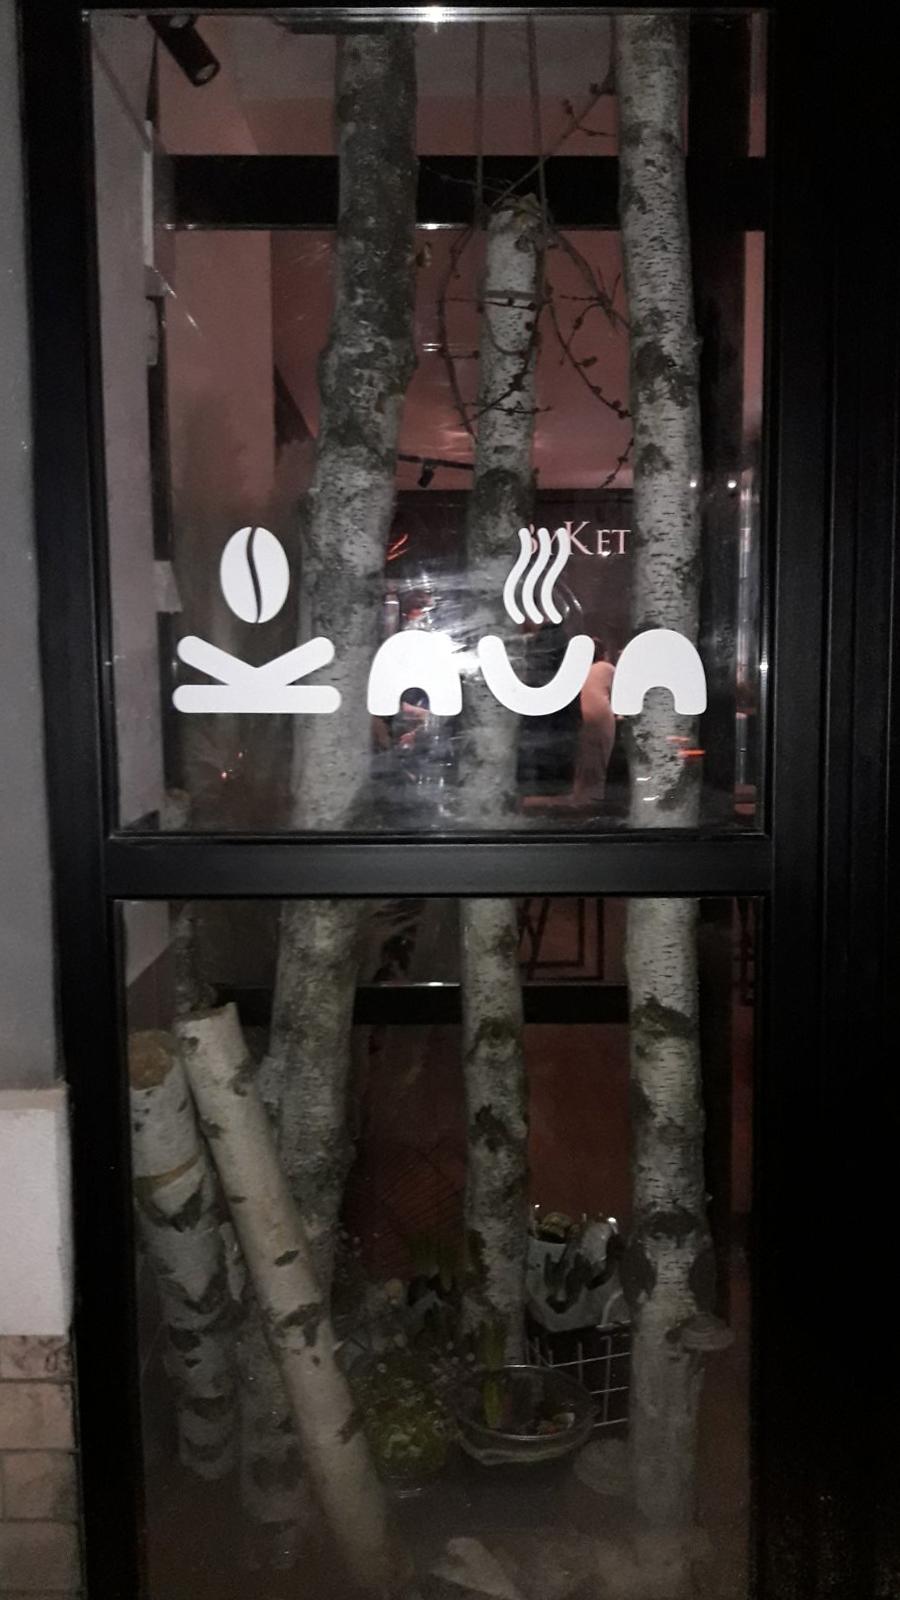 Аплікація на вікнах дял кафе